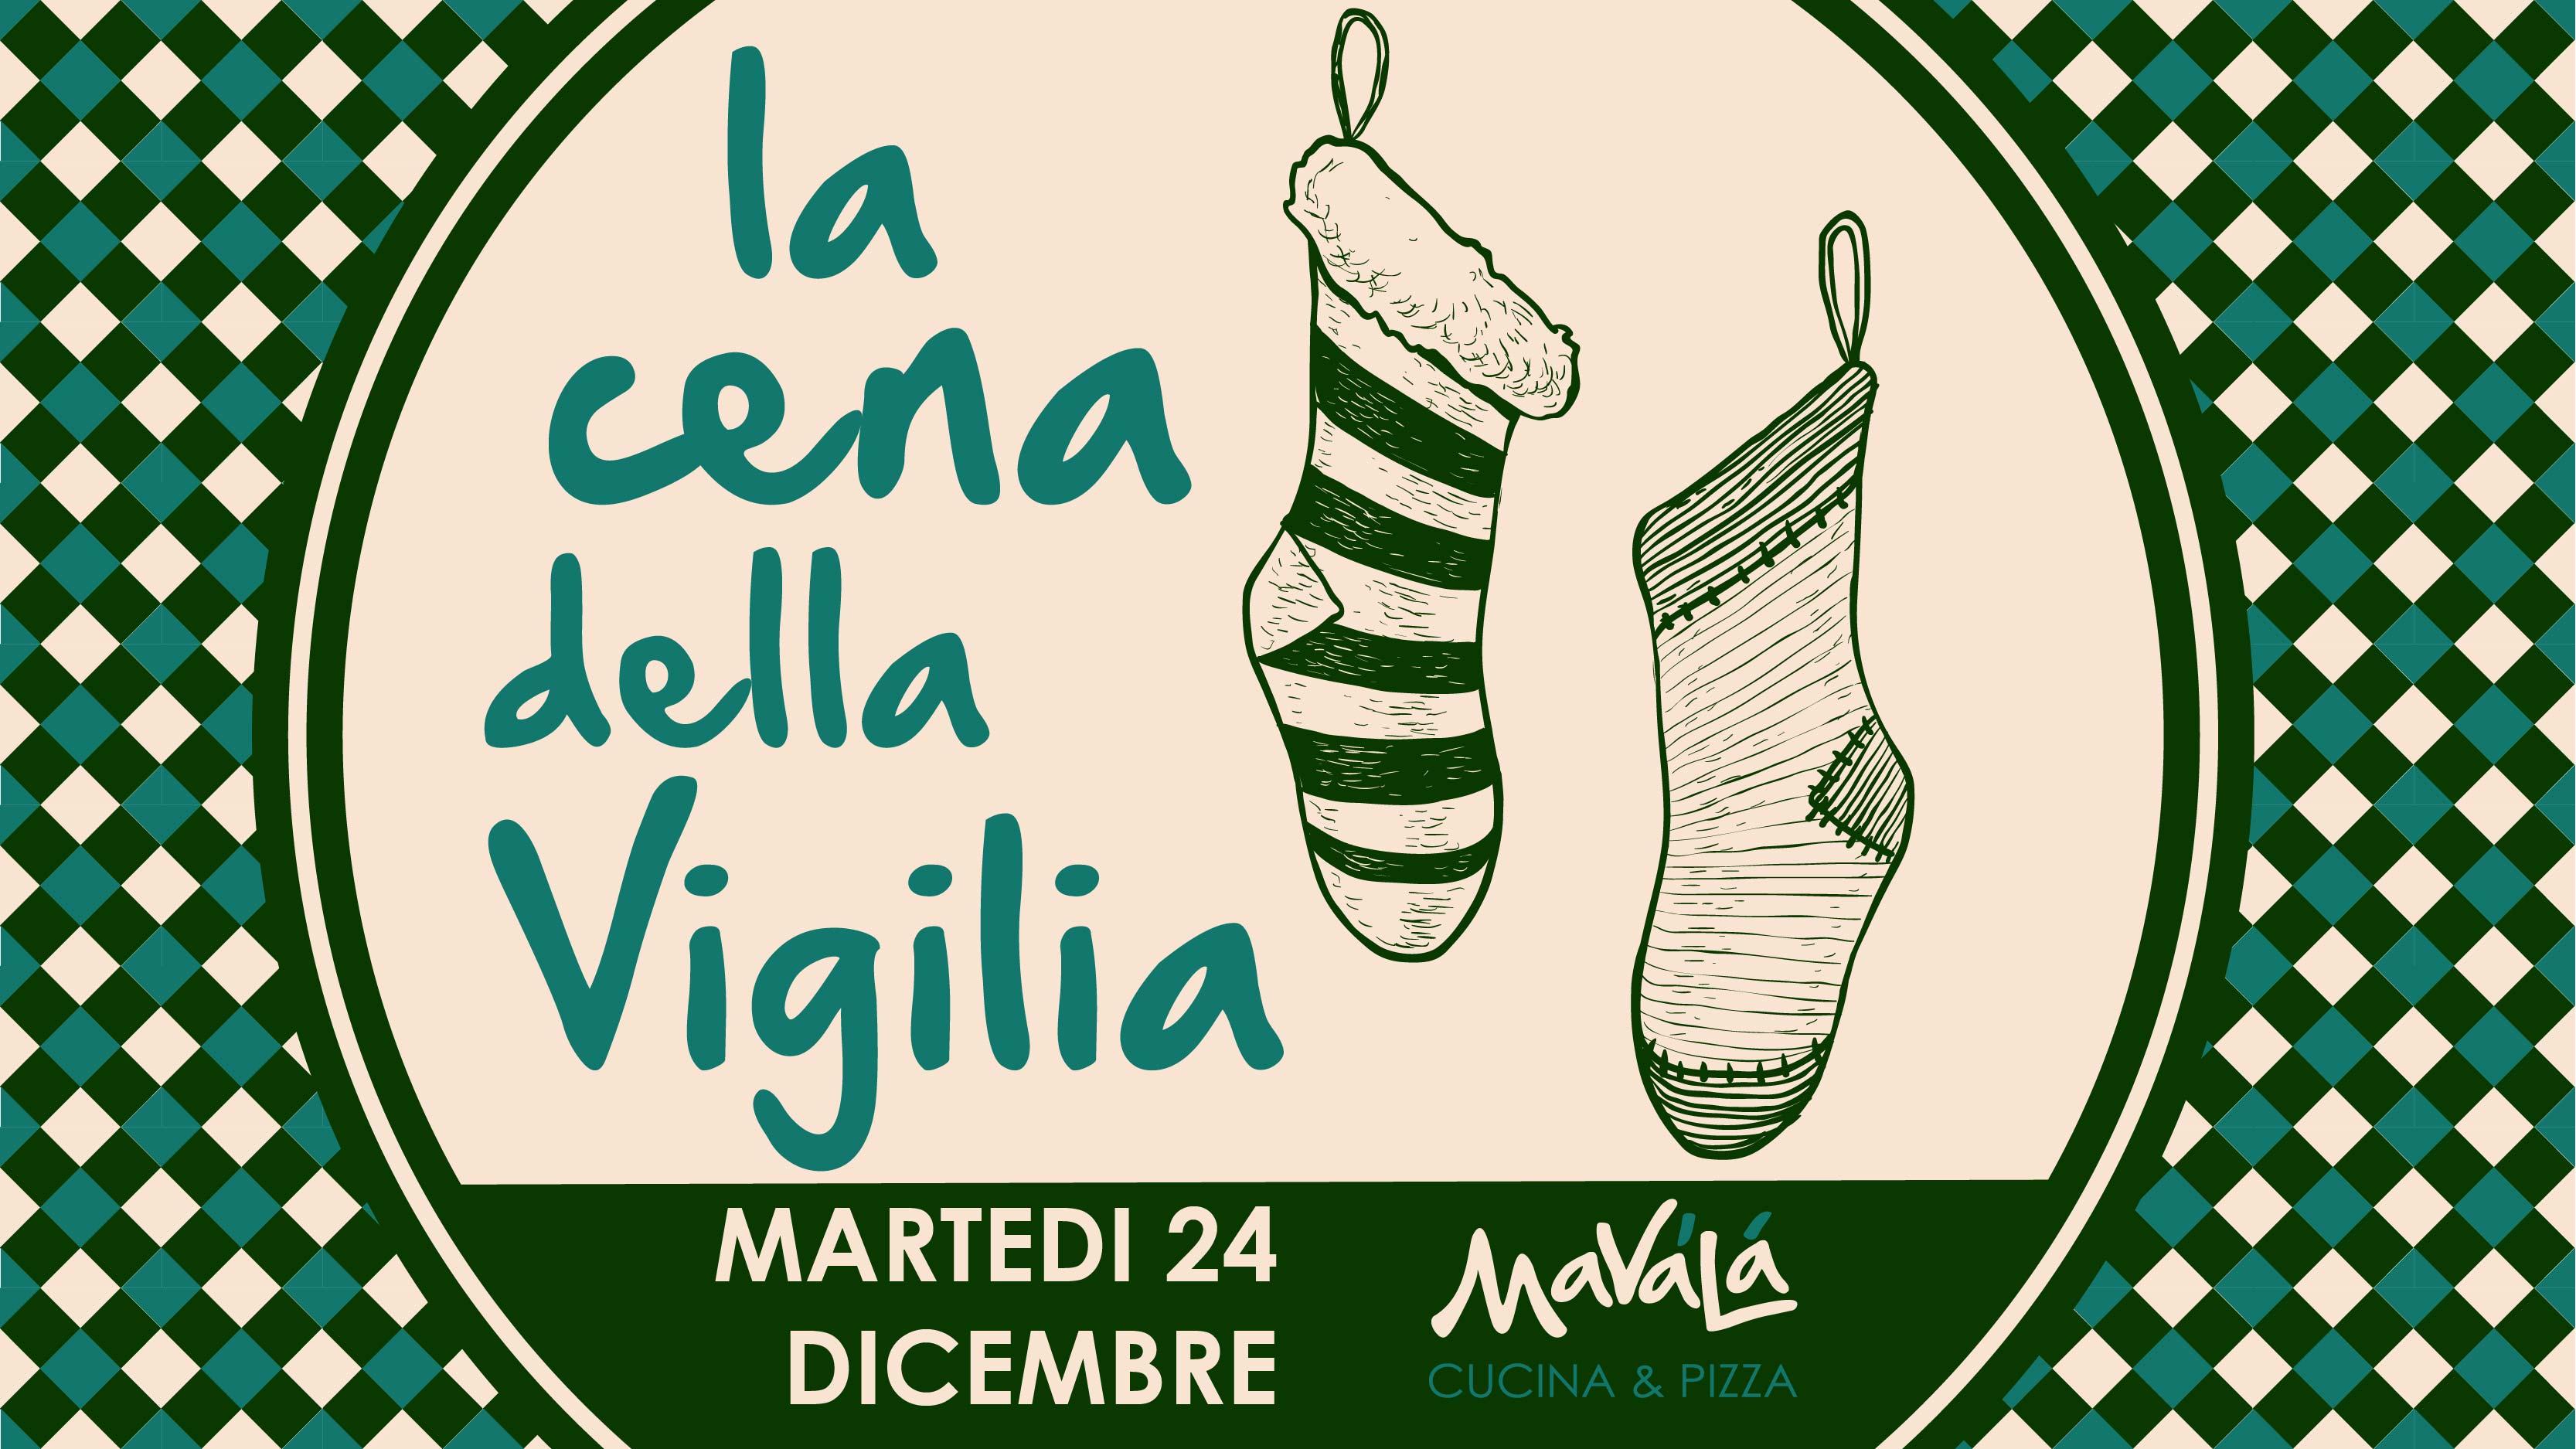 MAVALA_LOCANDINE_DICEMBRE_24_VIGILIA-04